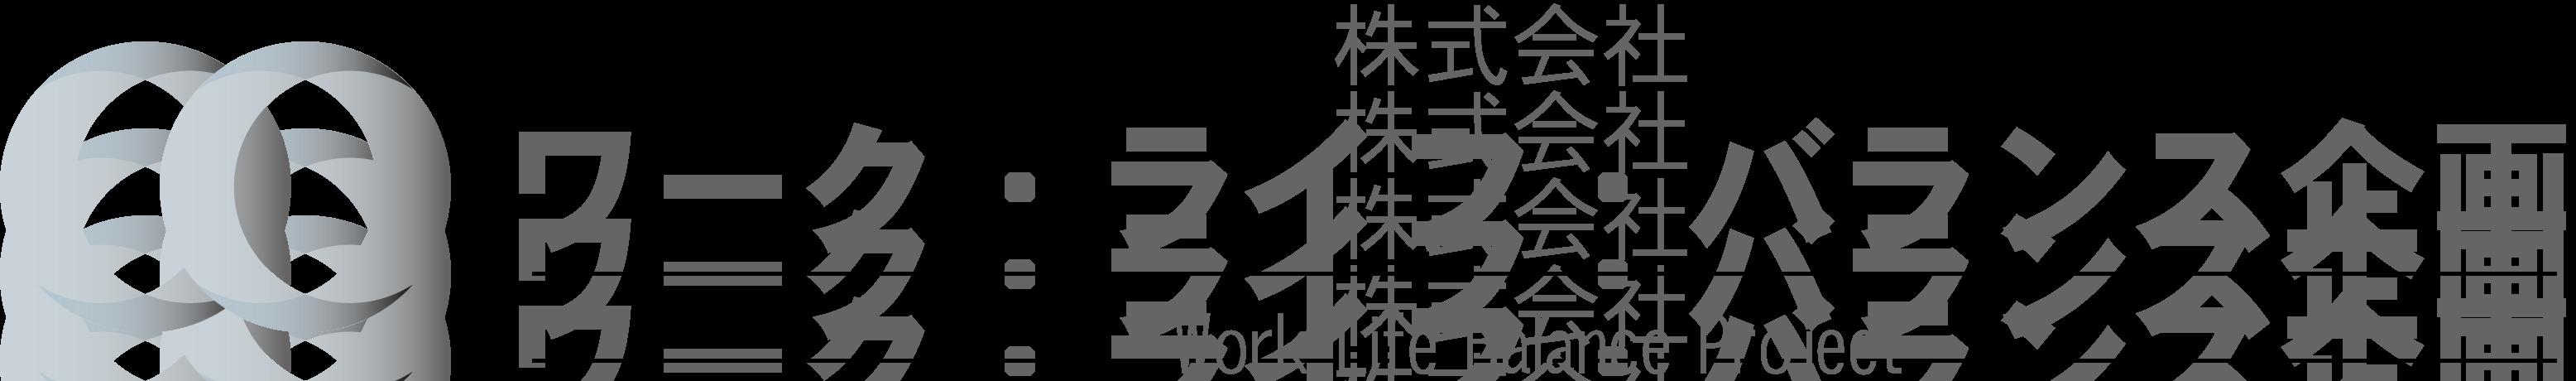 株式会社ワーク・ライフ・バランス企画